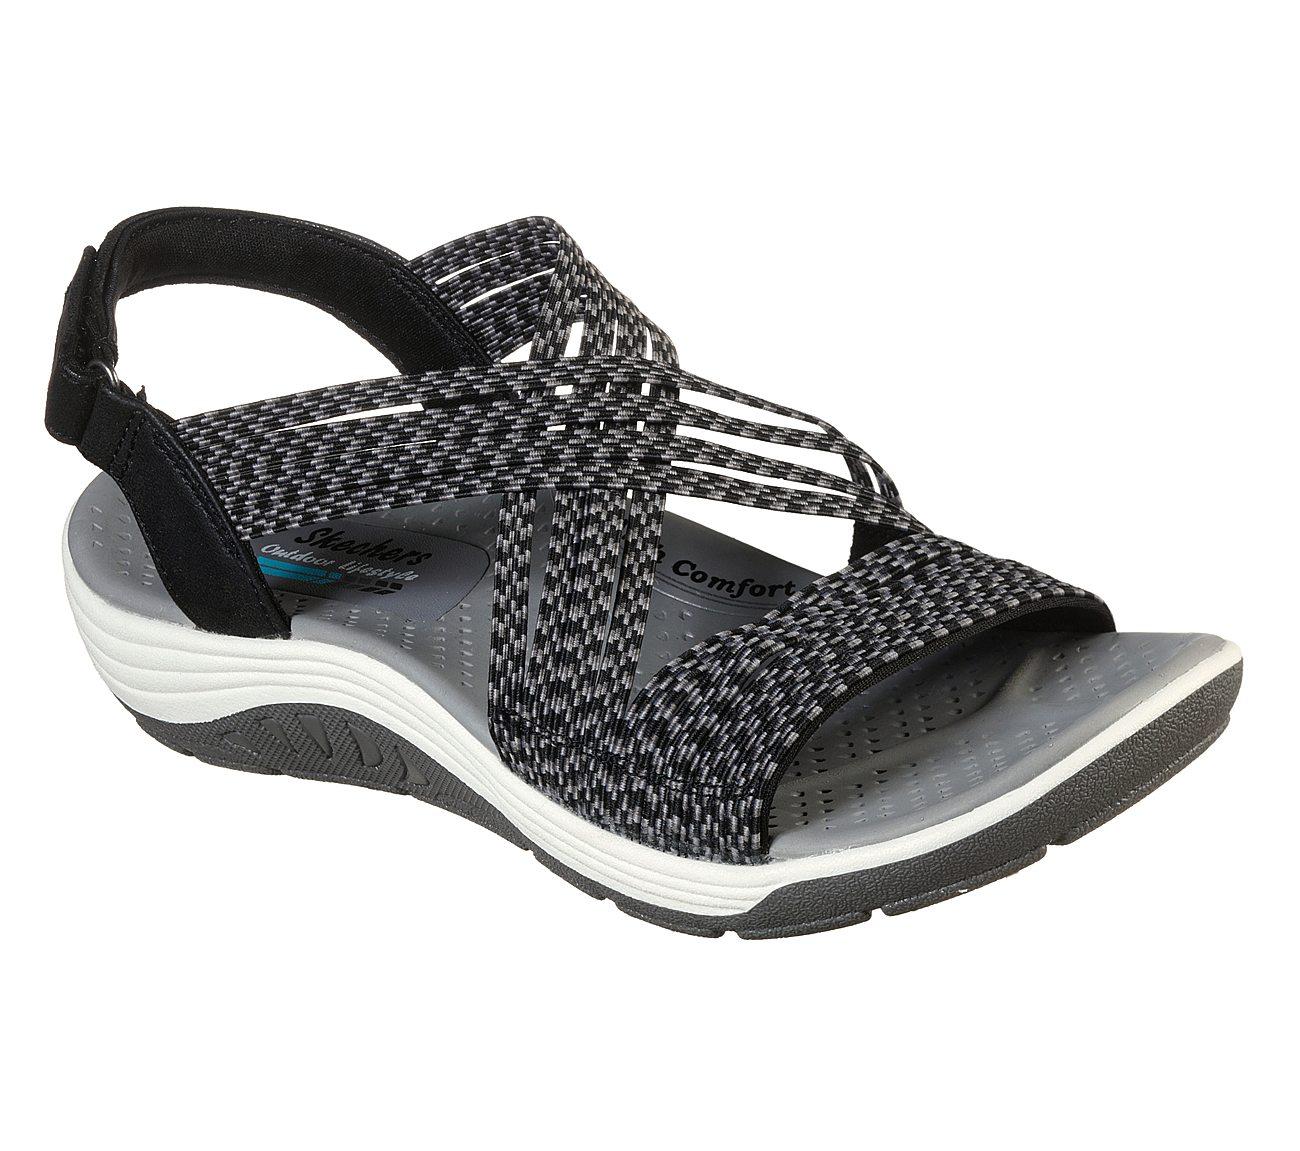 Sandalen von SKECHERS in speziellen Farben für Damen